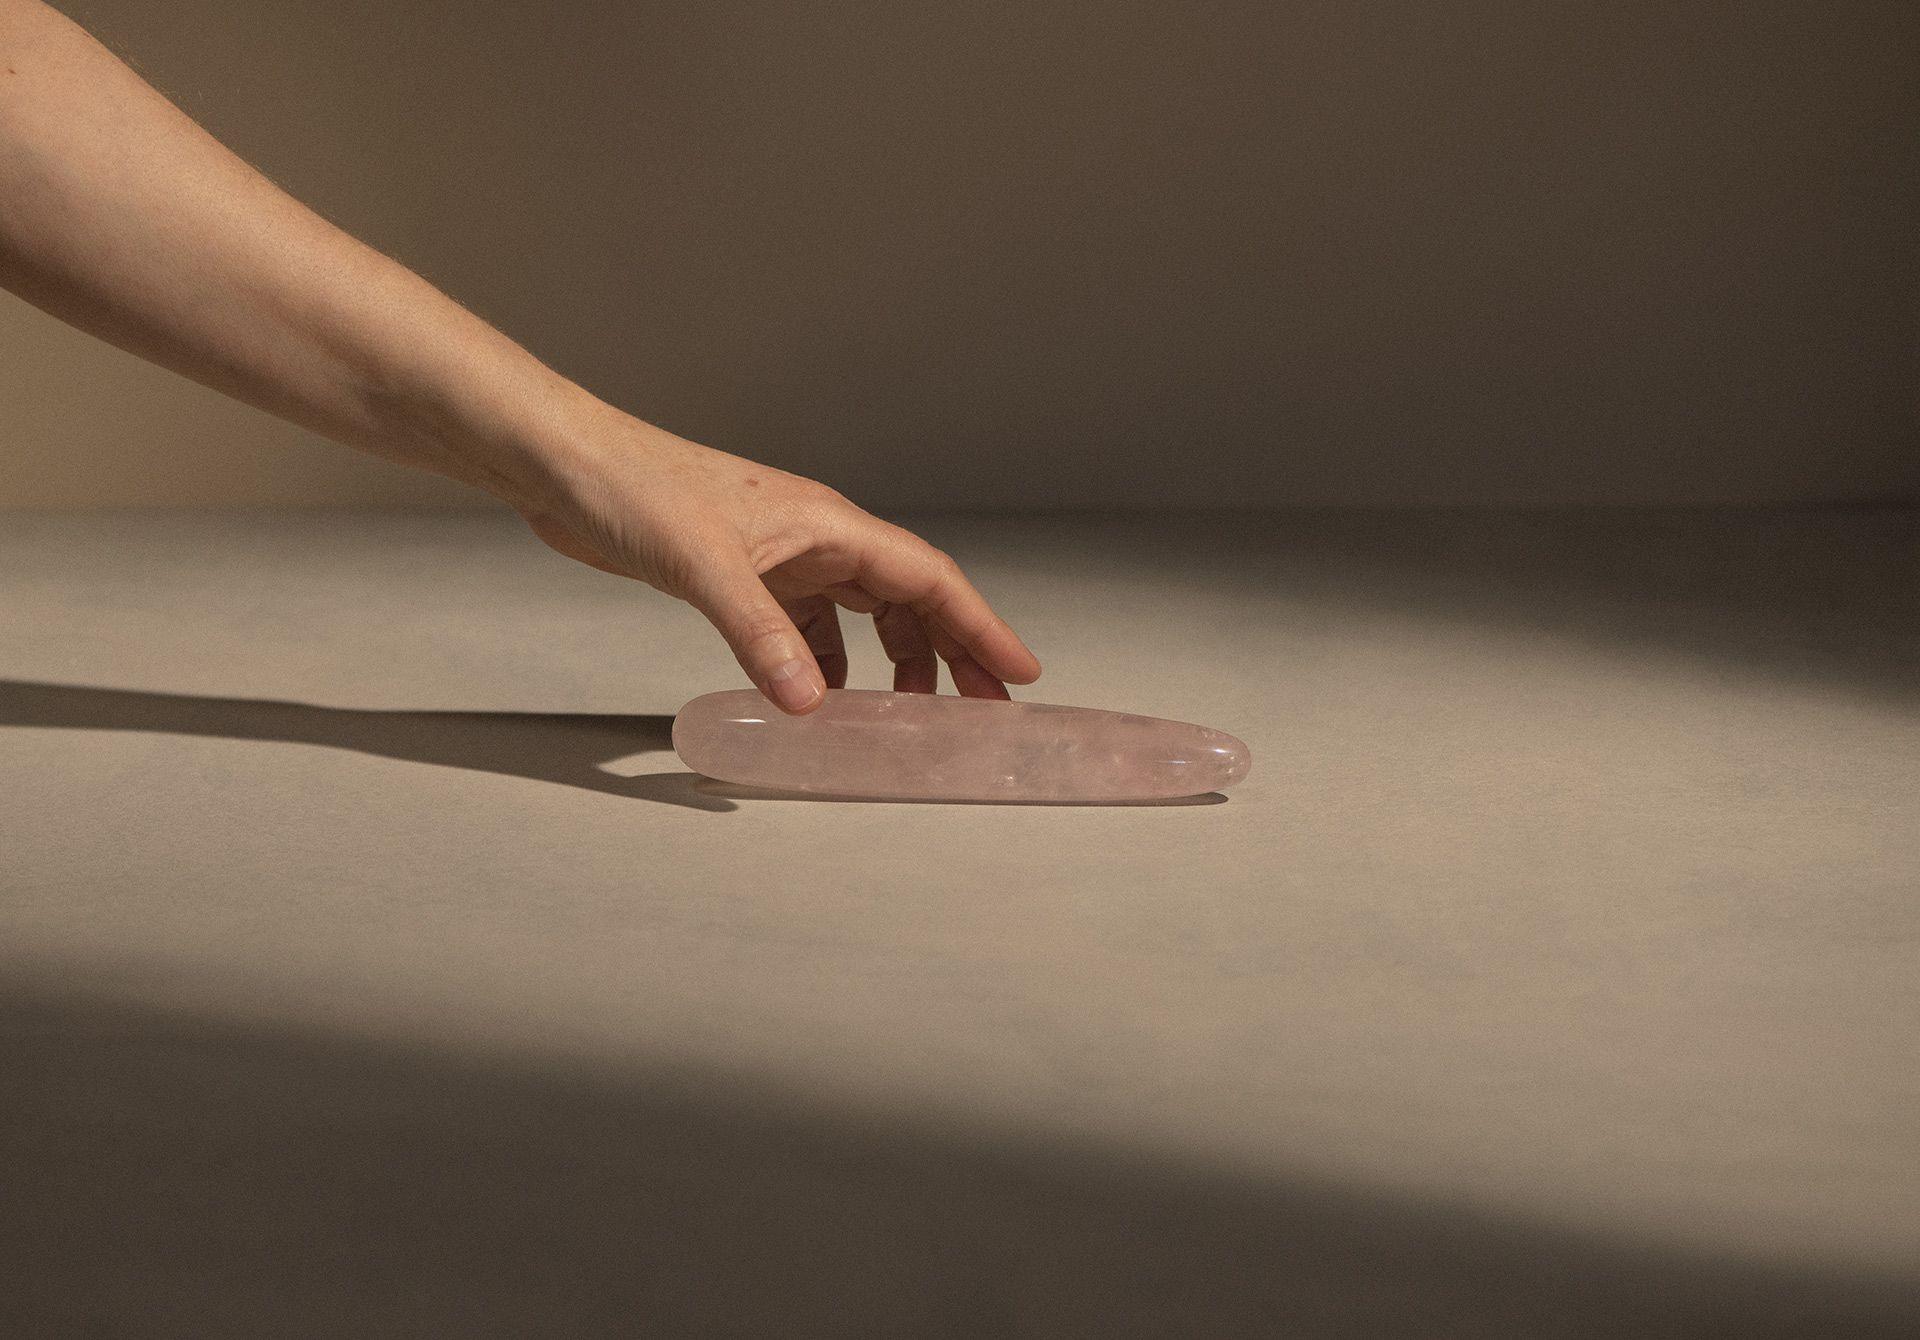 Dildo, Gode à baguette en quartz rose sur un fond beige avec une main qui le saisit.